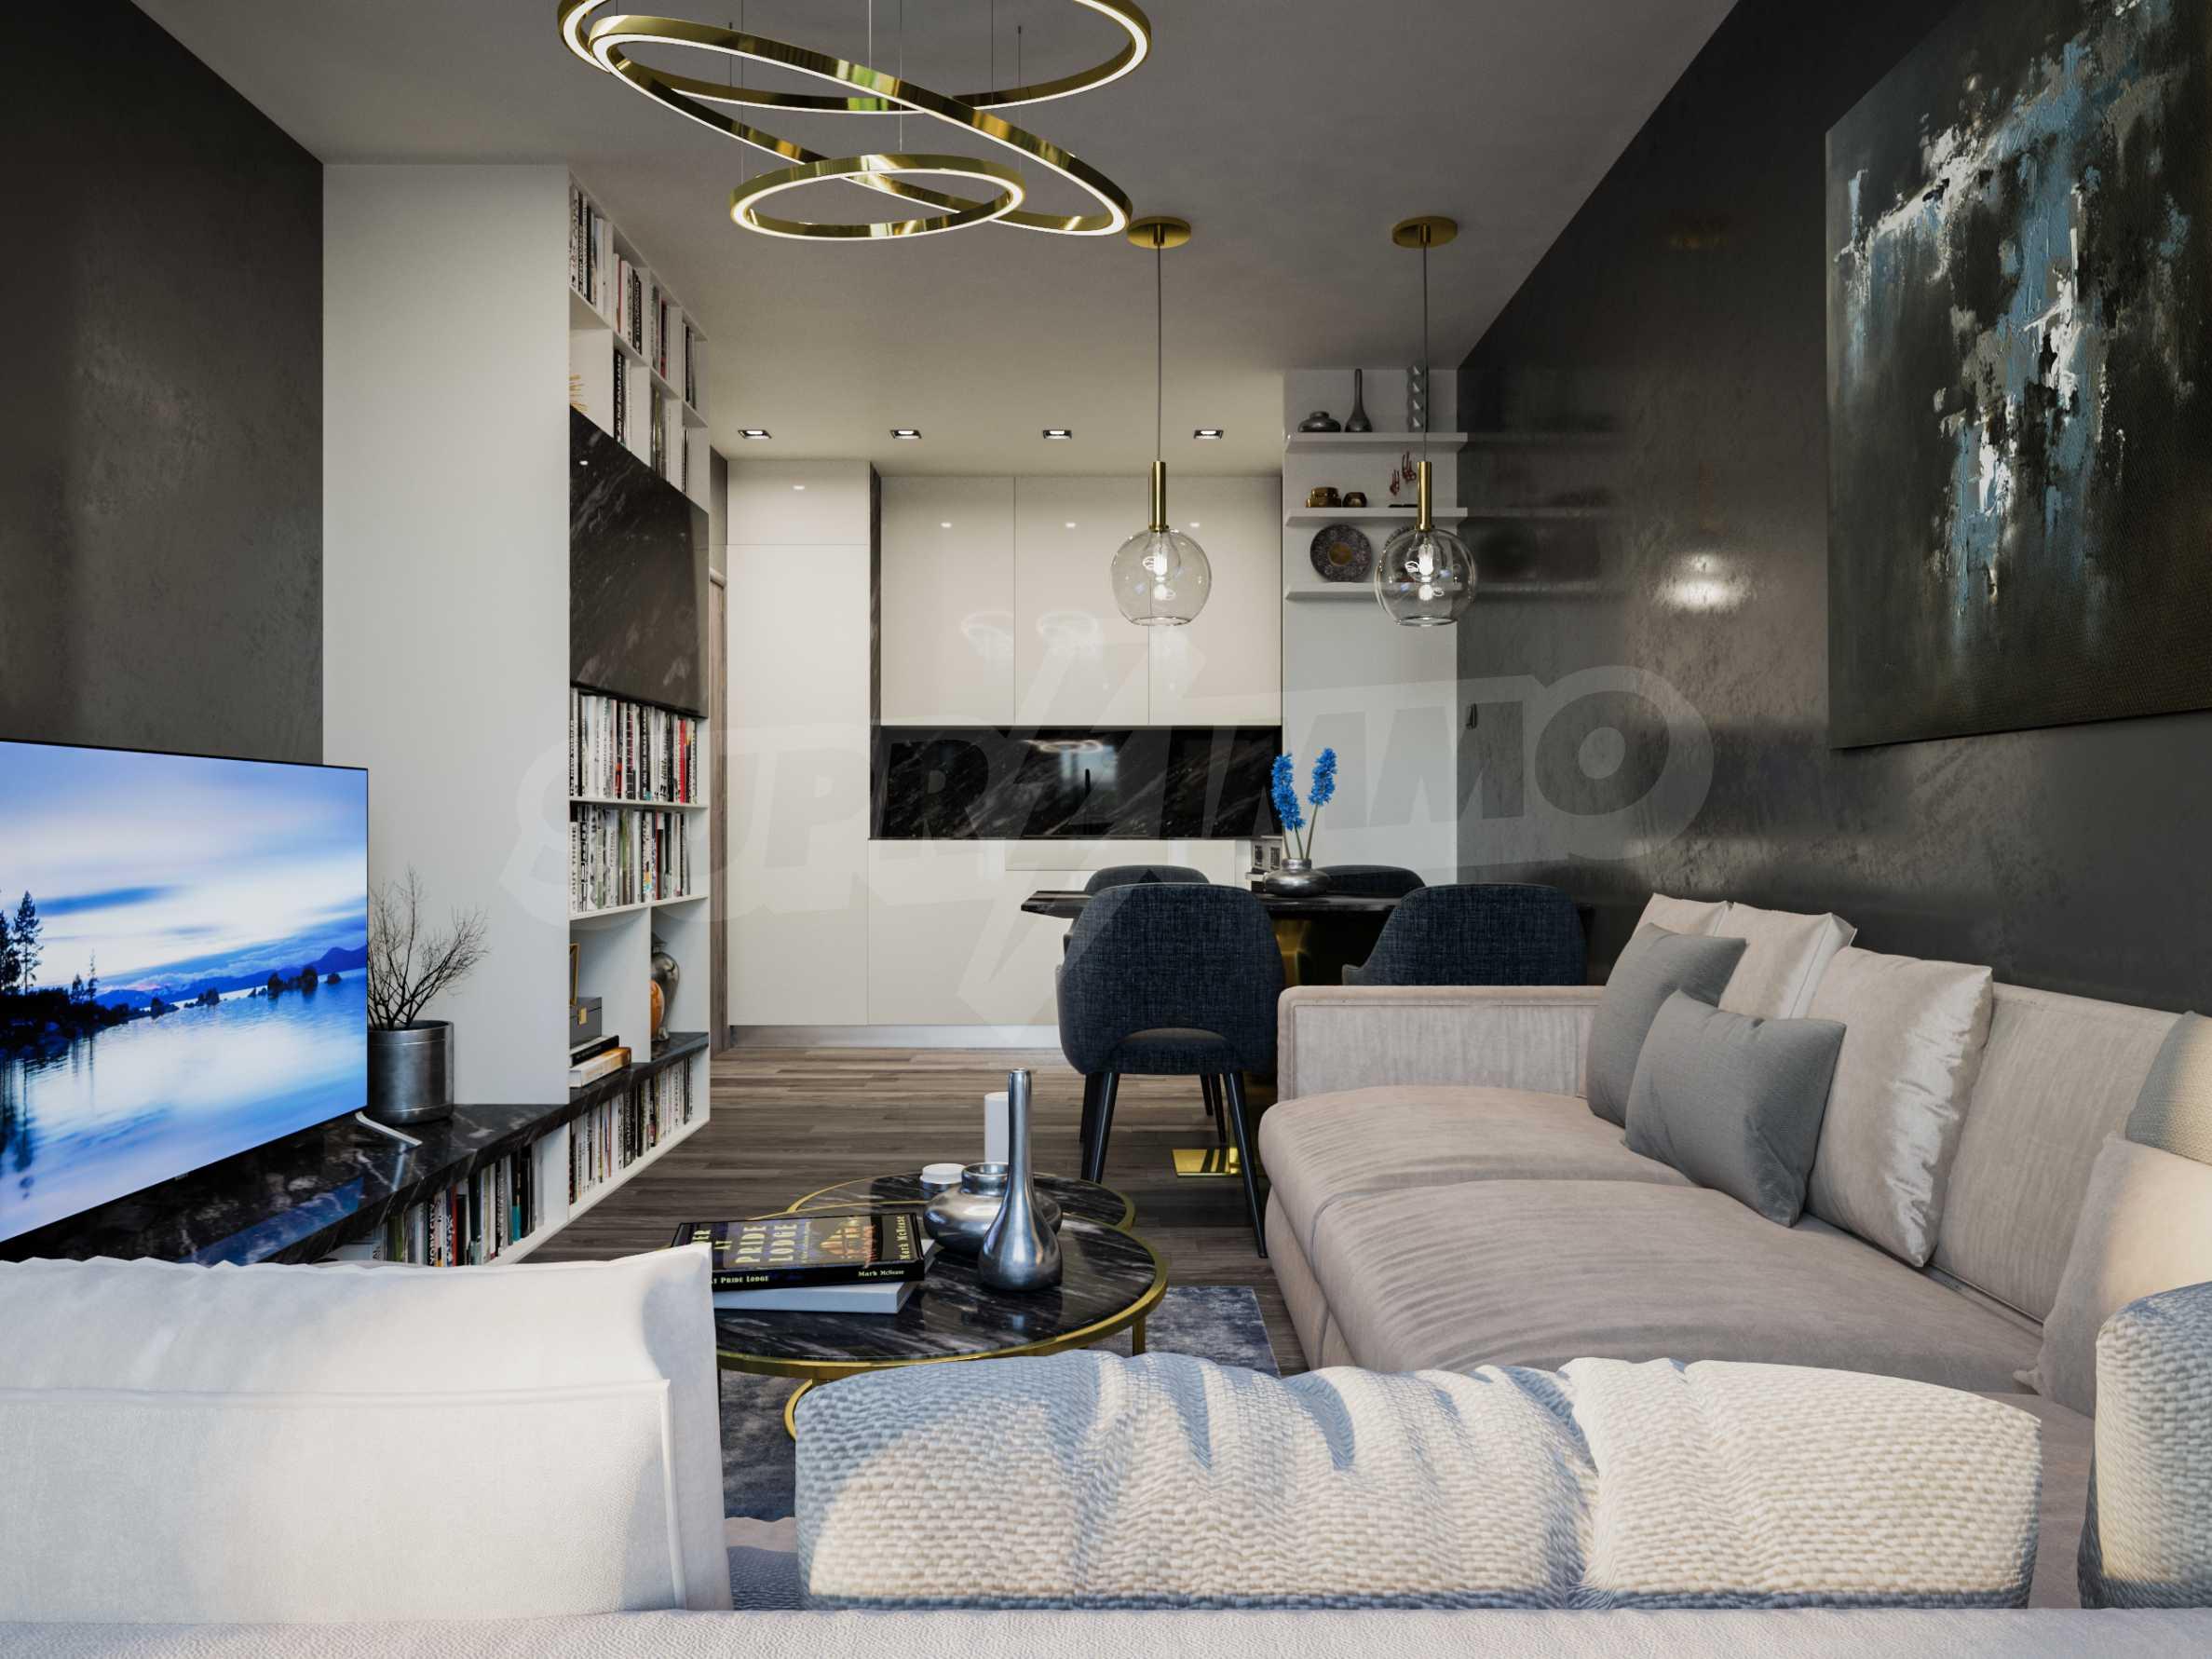 Апартамент с две спални за продажба в нова жилищна сграда в квартал Изгрев 3